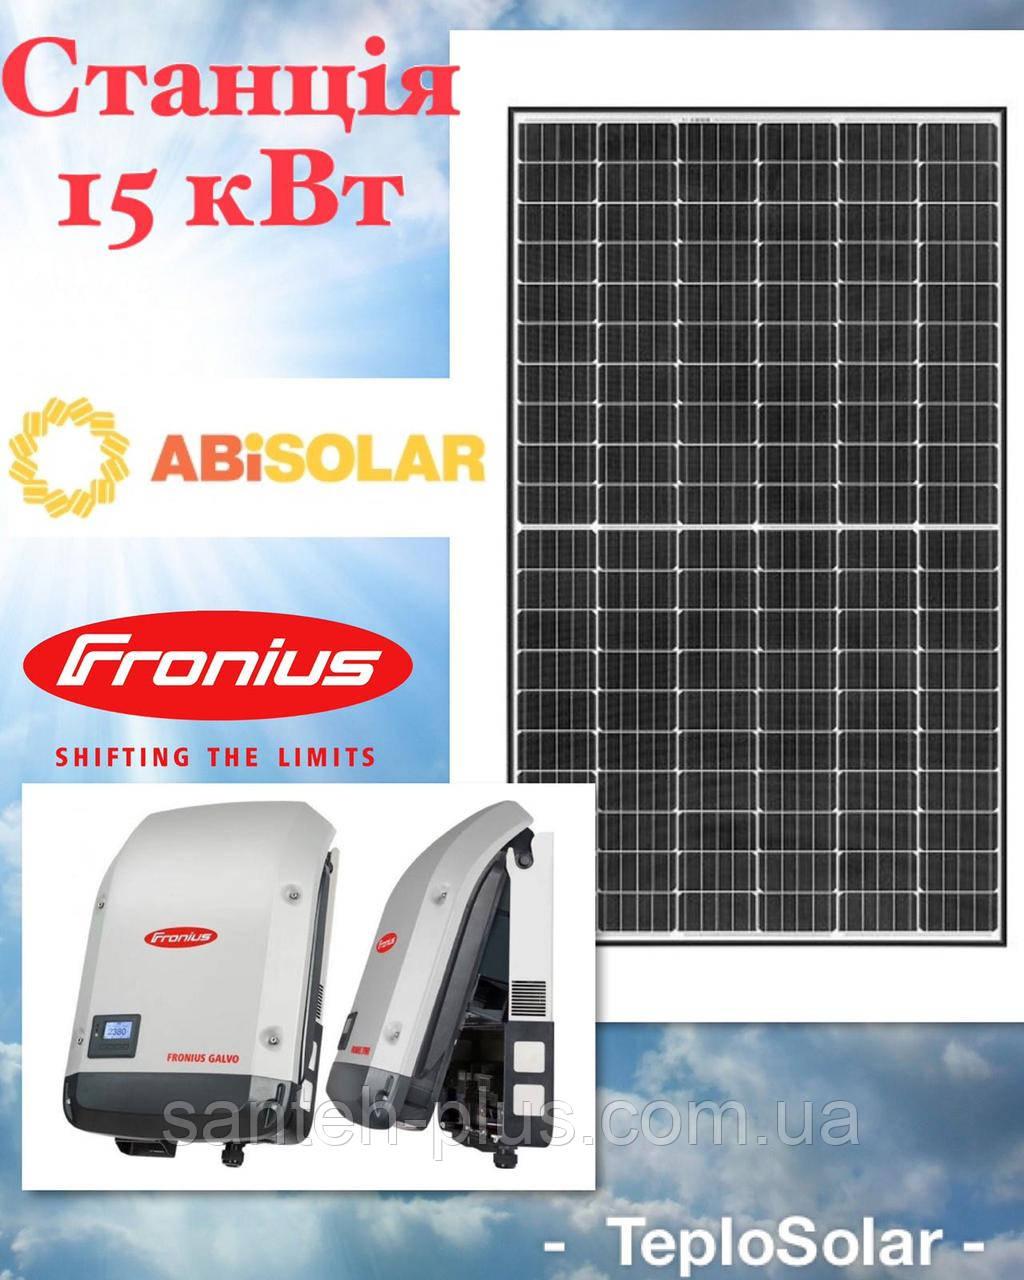 Сонячна електростанція 15кВт, інвертор Fronius, панелі Abi Solar